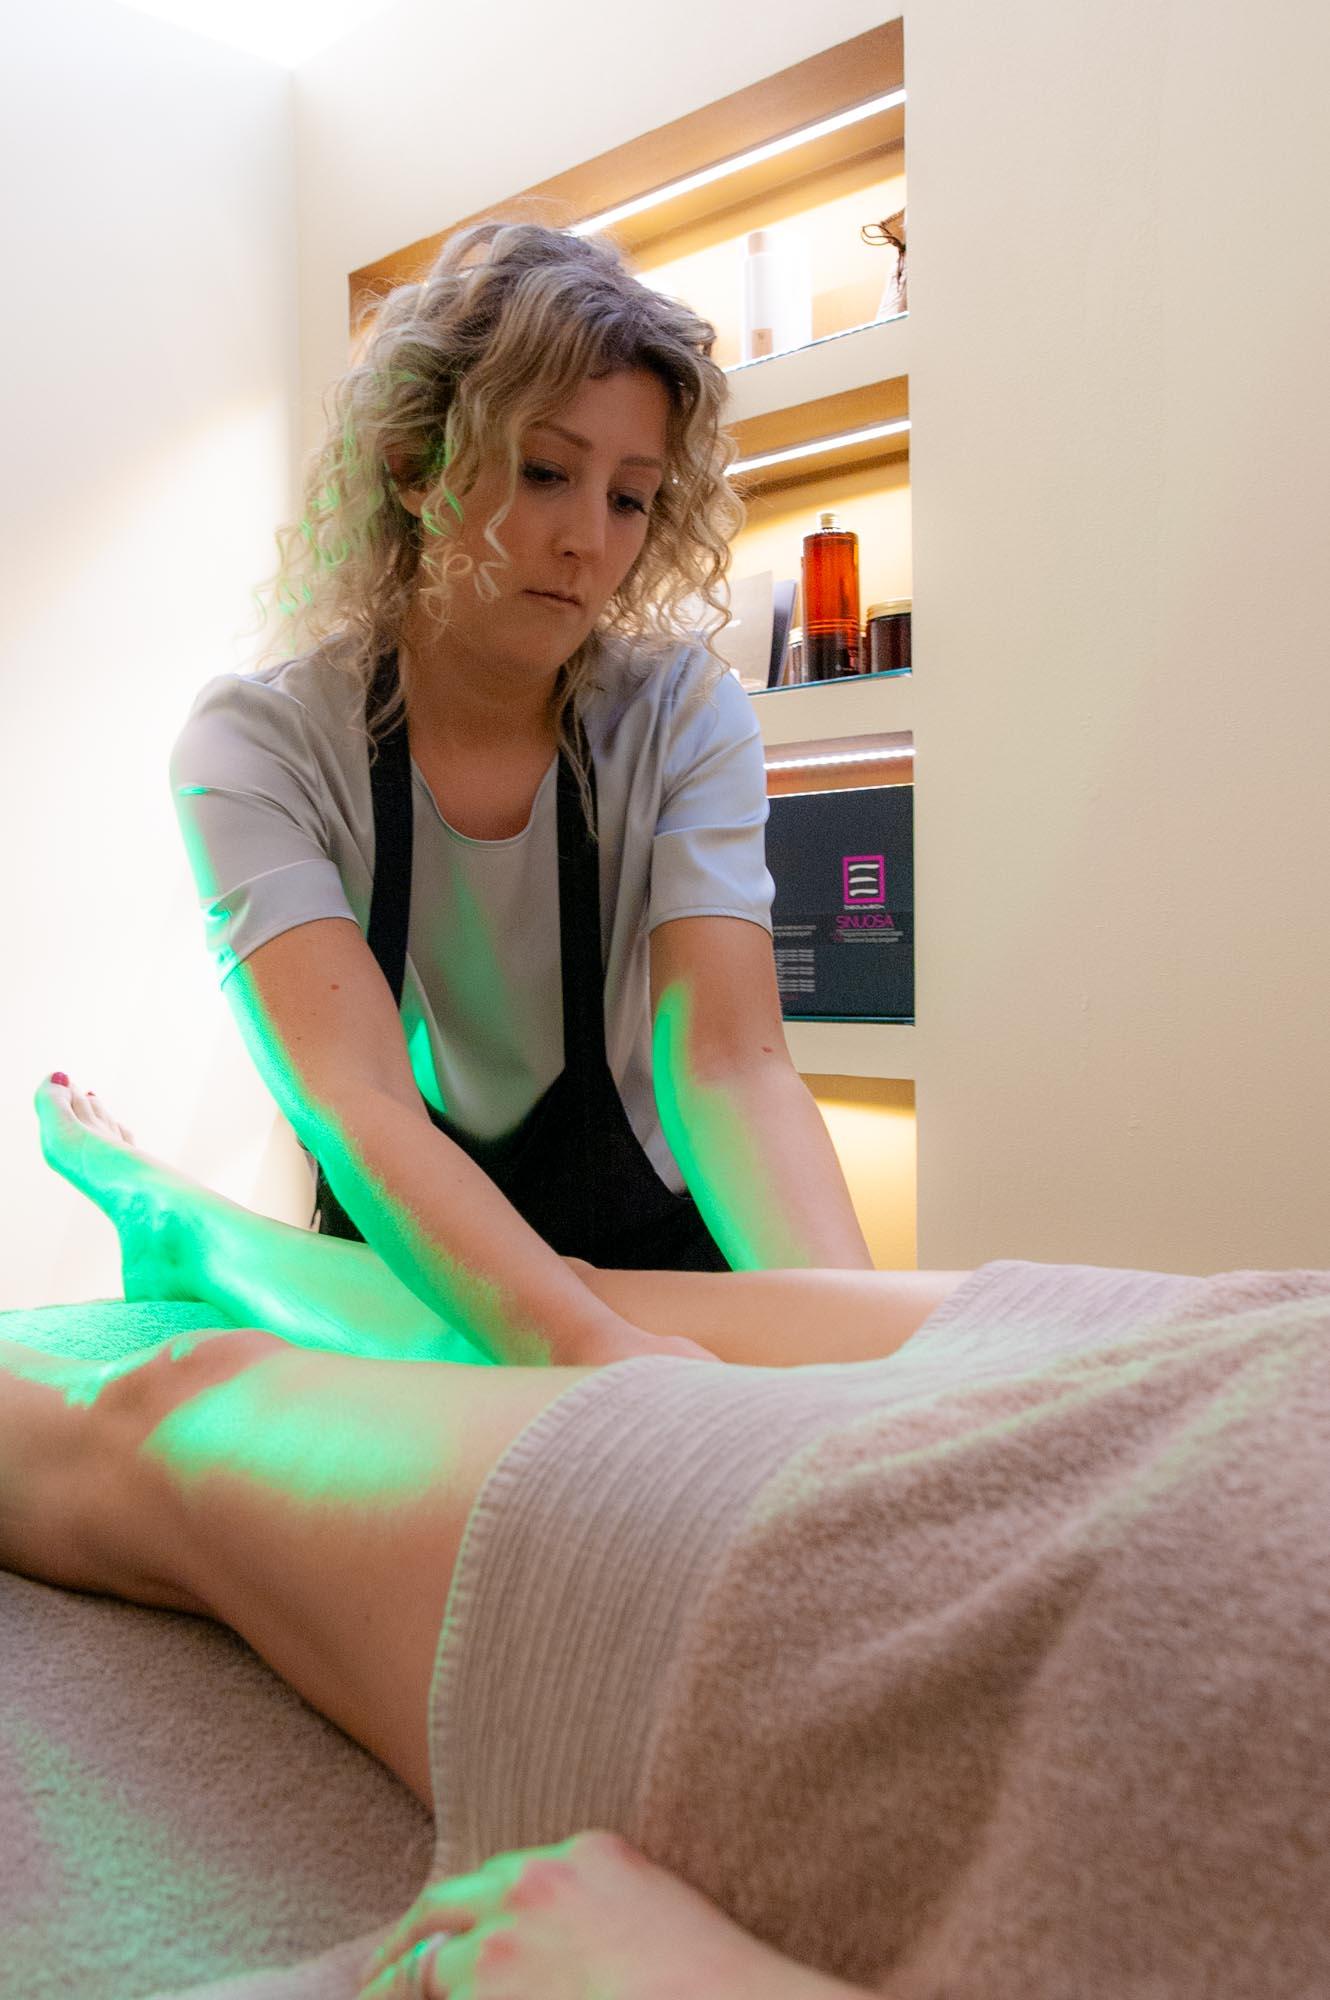 estetica harmony zocca massaaggio